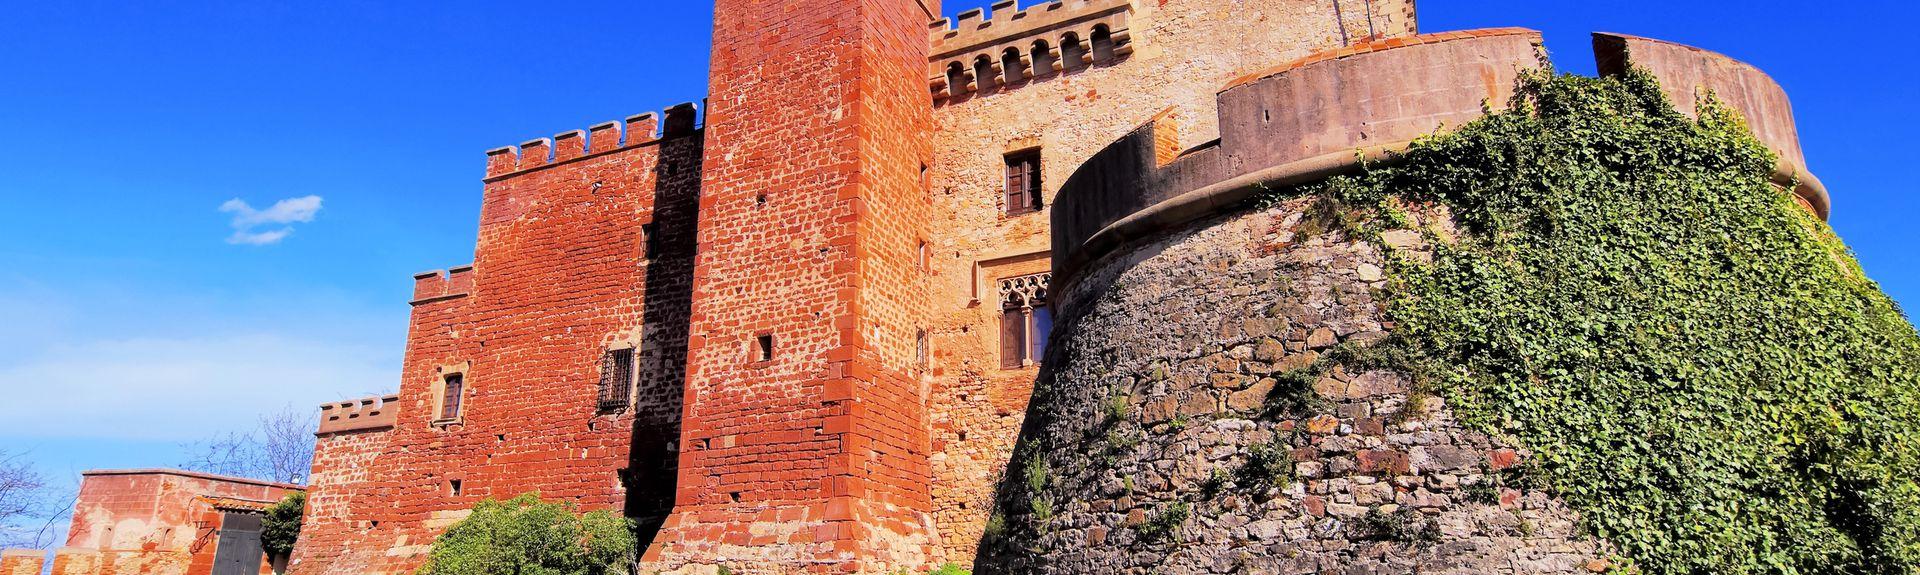 Castelldefels, Catalonië, Spanje